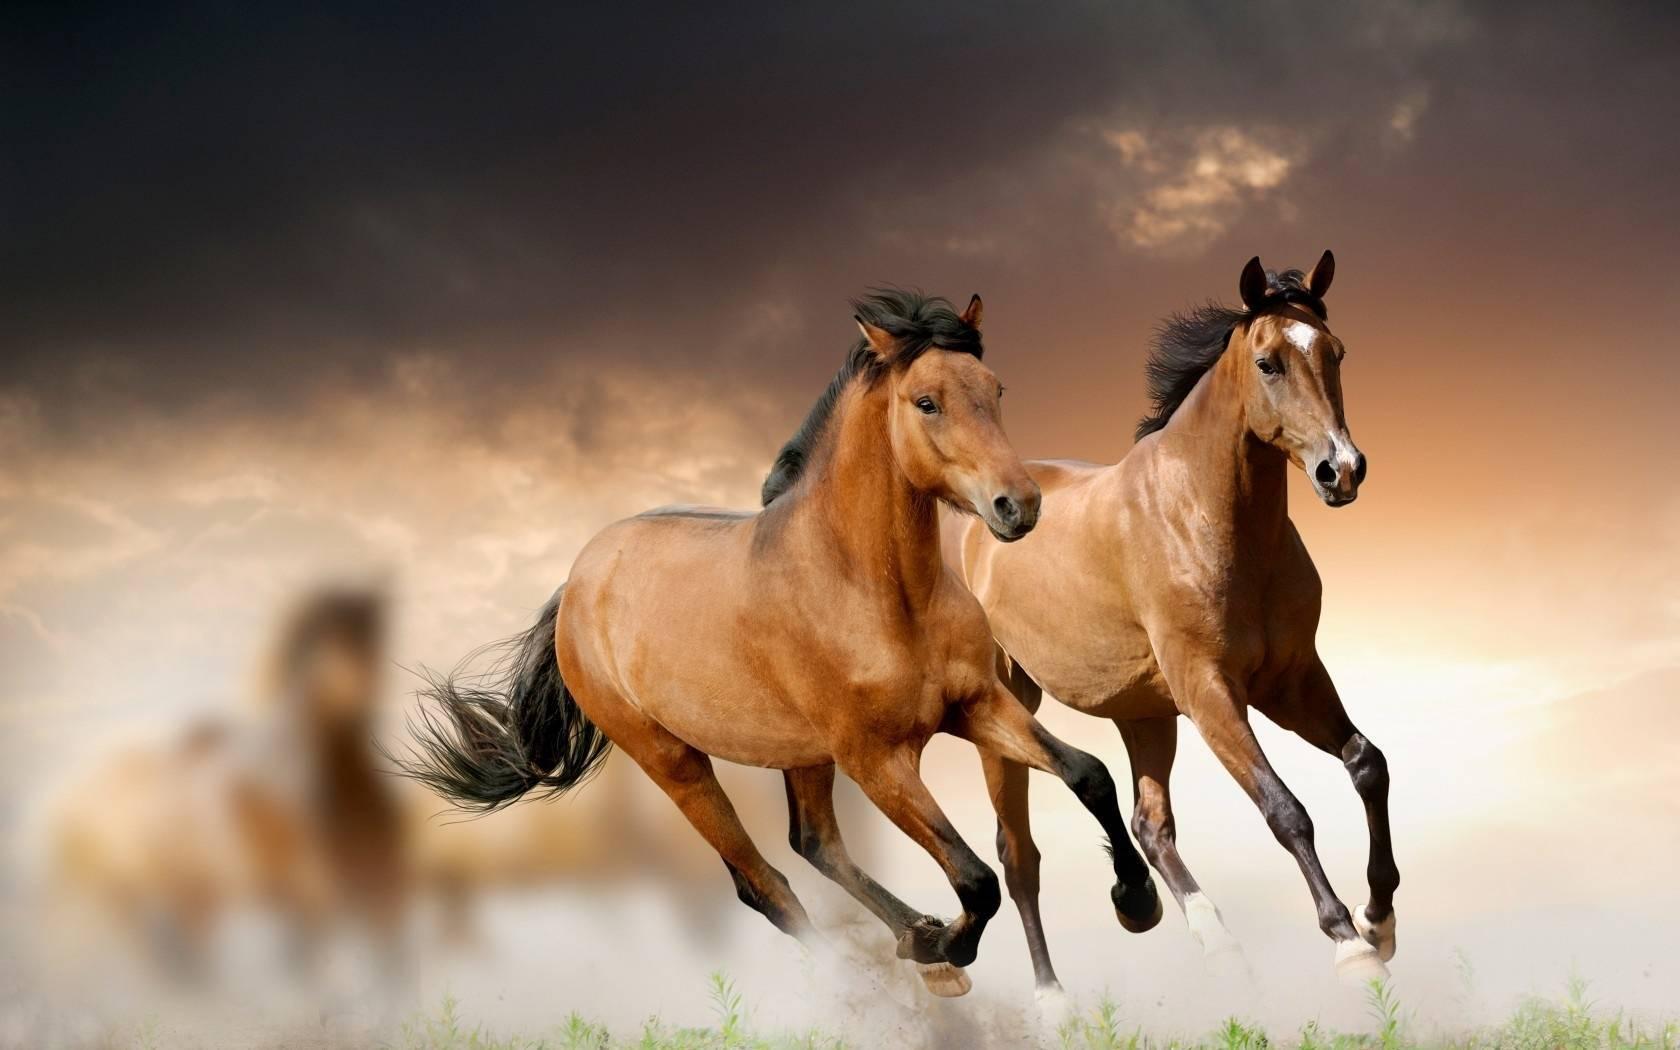 Аллюры лошадей – характеристики и виды 2020